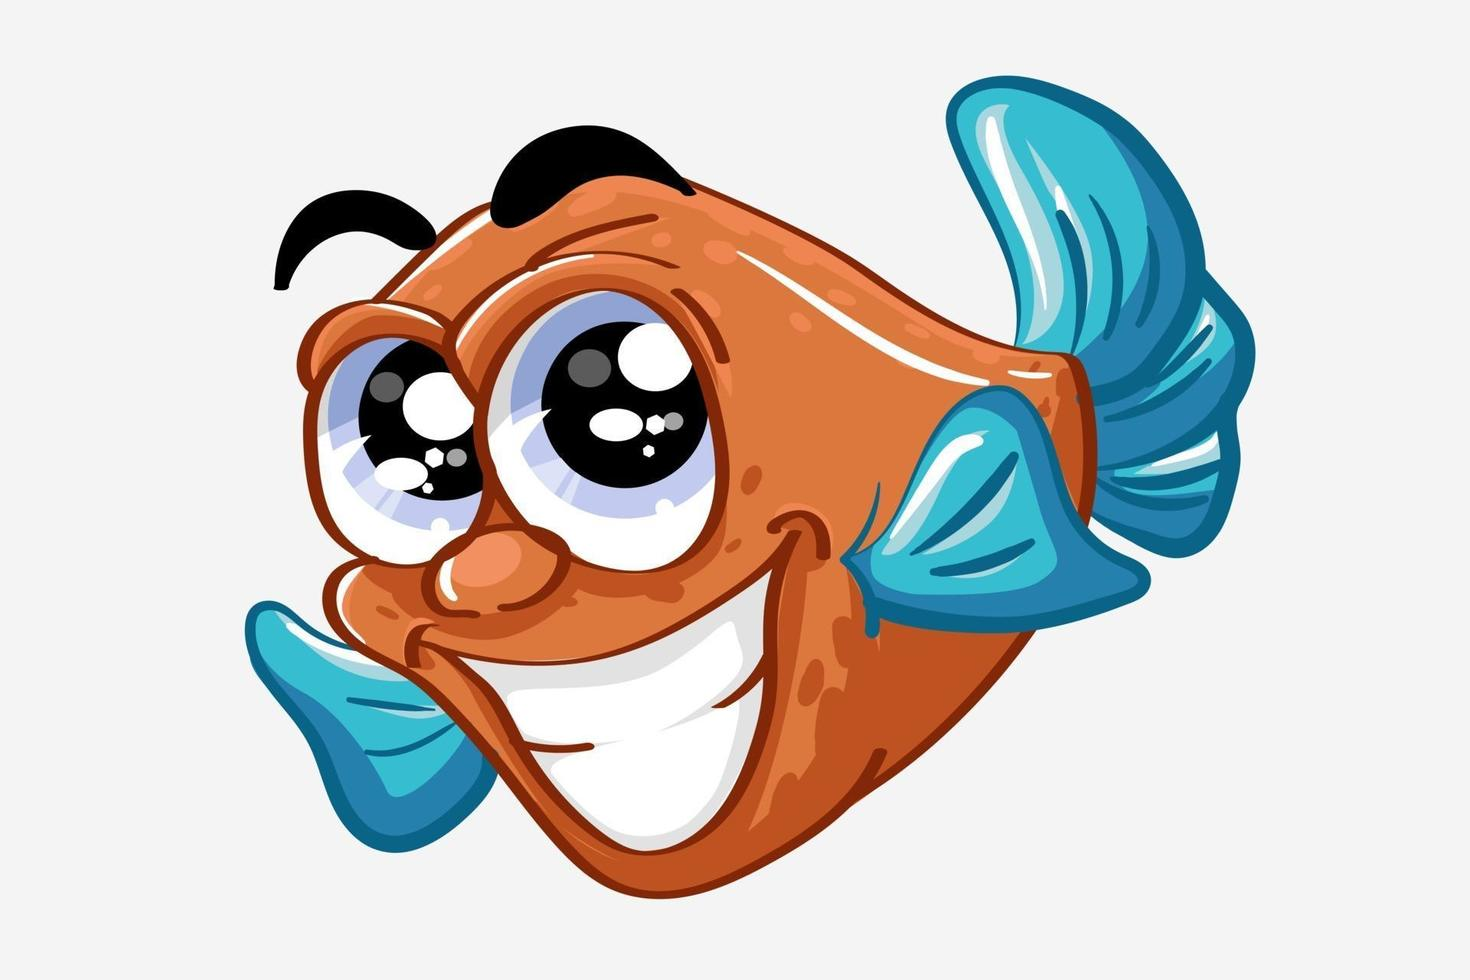 engraçado peixe azul laranja sorrindo, ilustração em vetor desenho animal